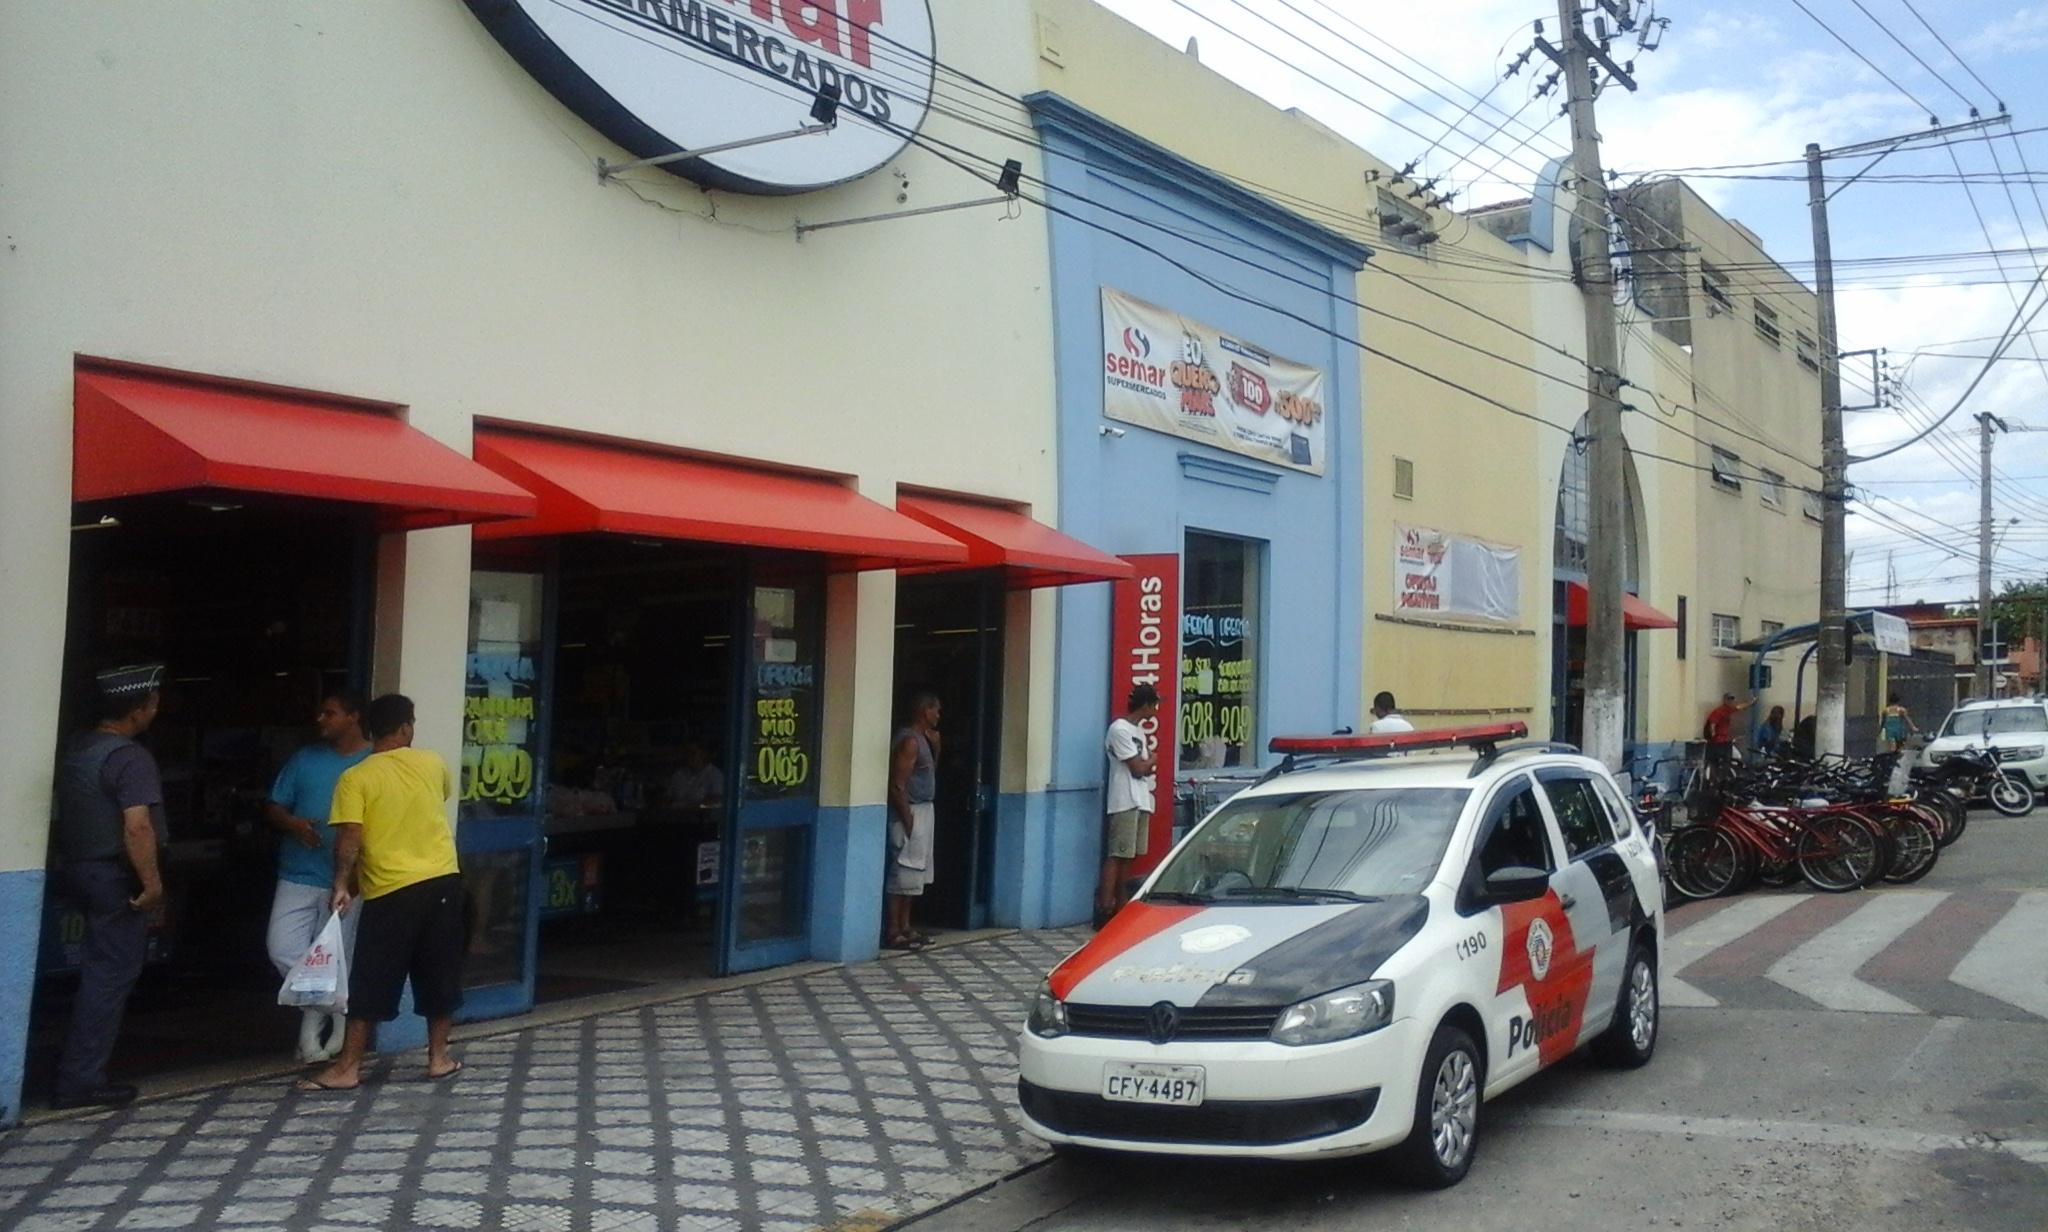 Supermercado em Lorena, que foi alvo de tentativa de assalto; circuito de videomonitoramento deve ajudar na identificação do assaltante (Foto: Thiago Datena)